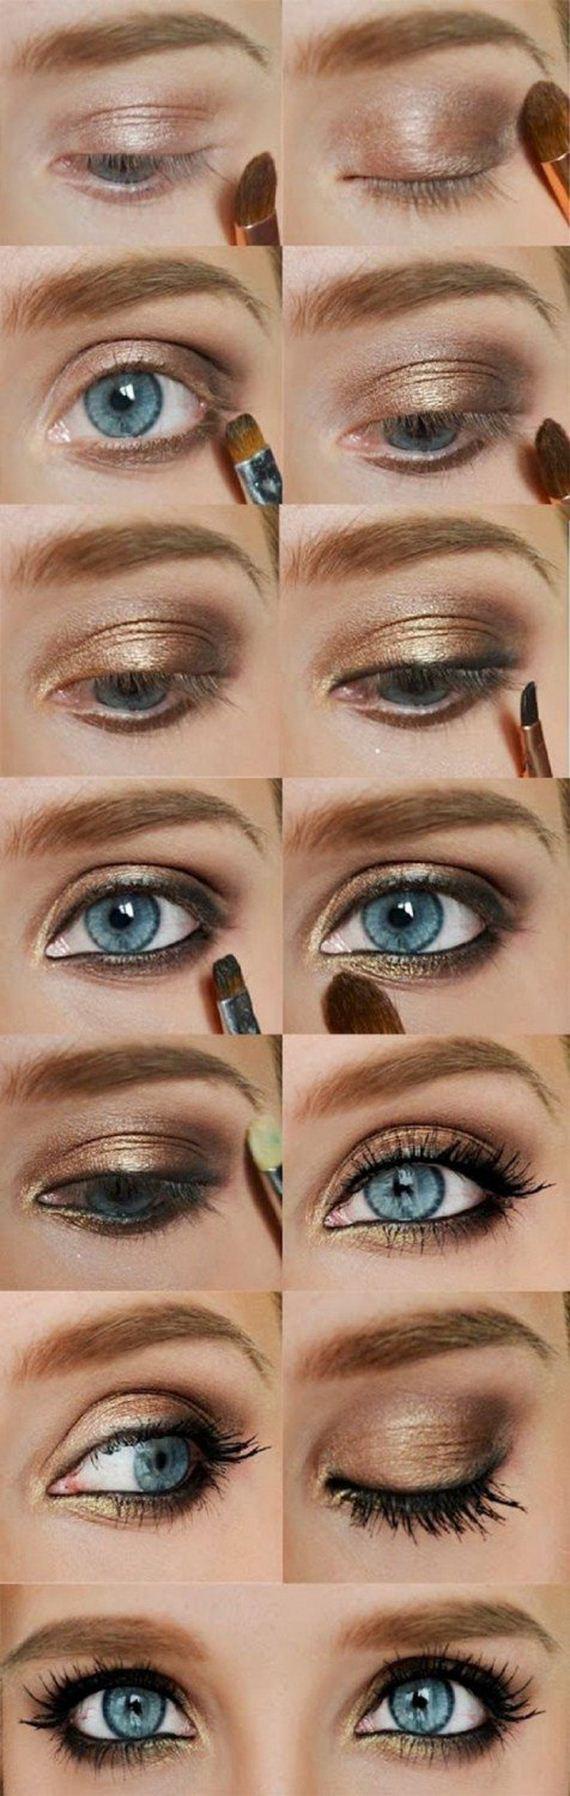 10-Colorful-Eyeshadow